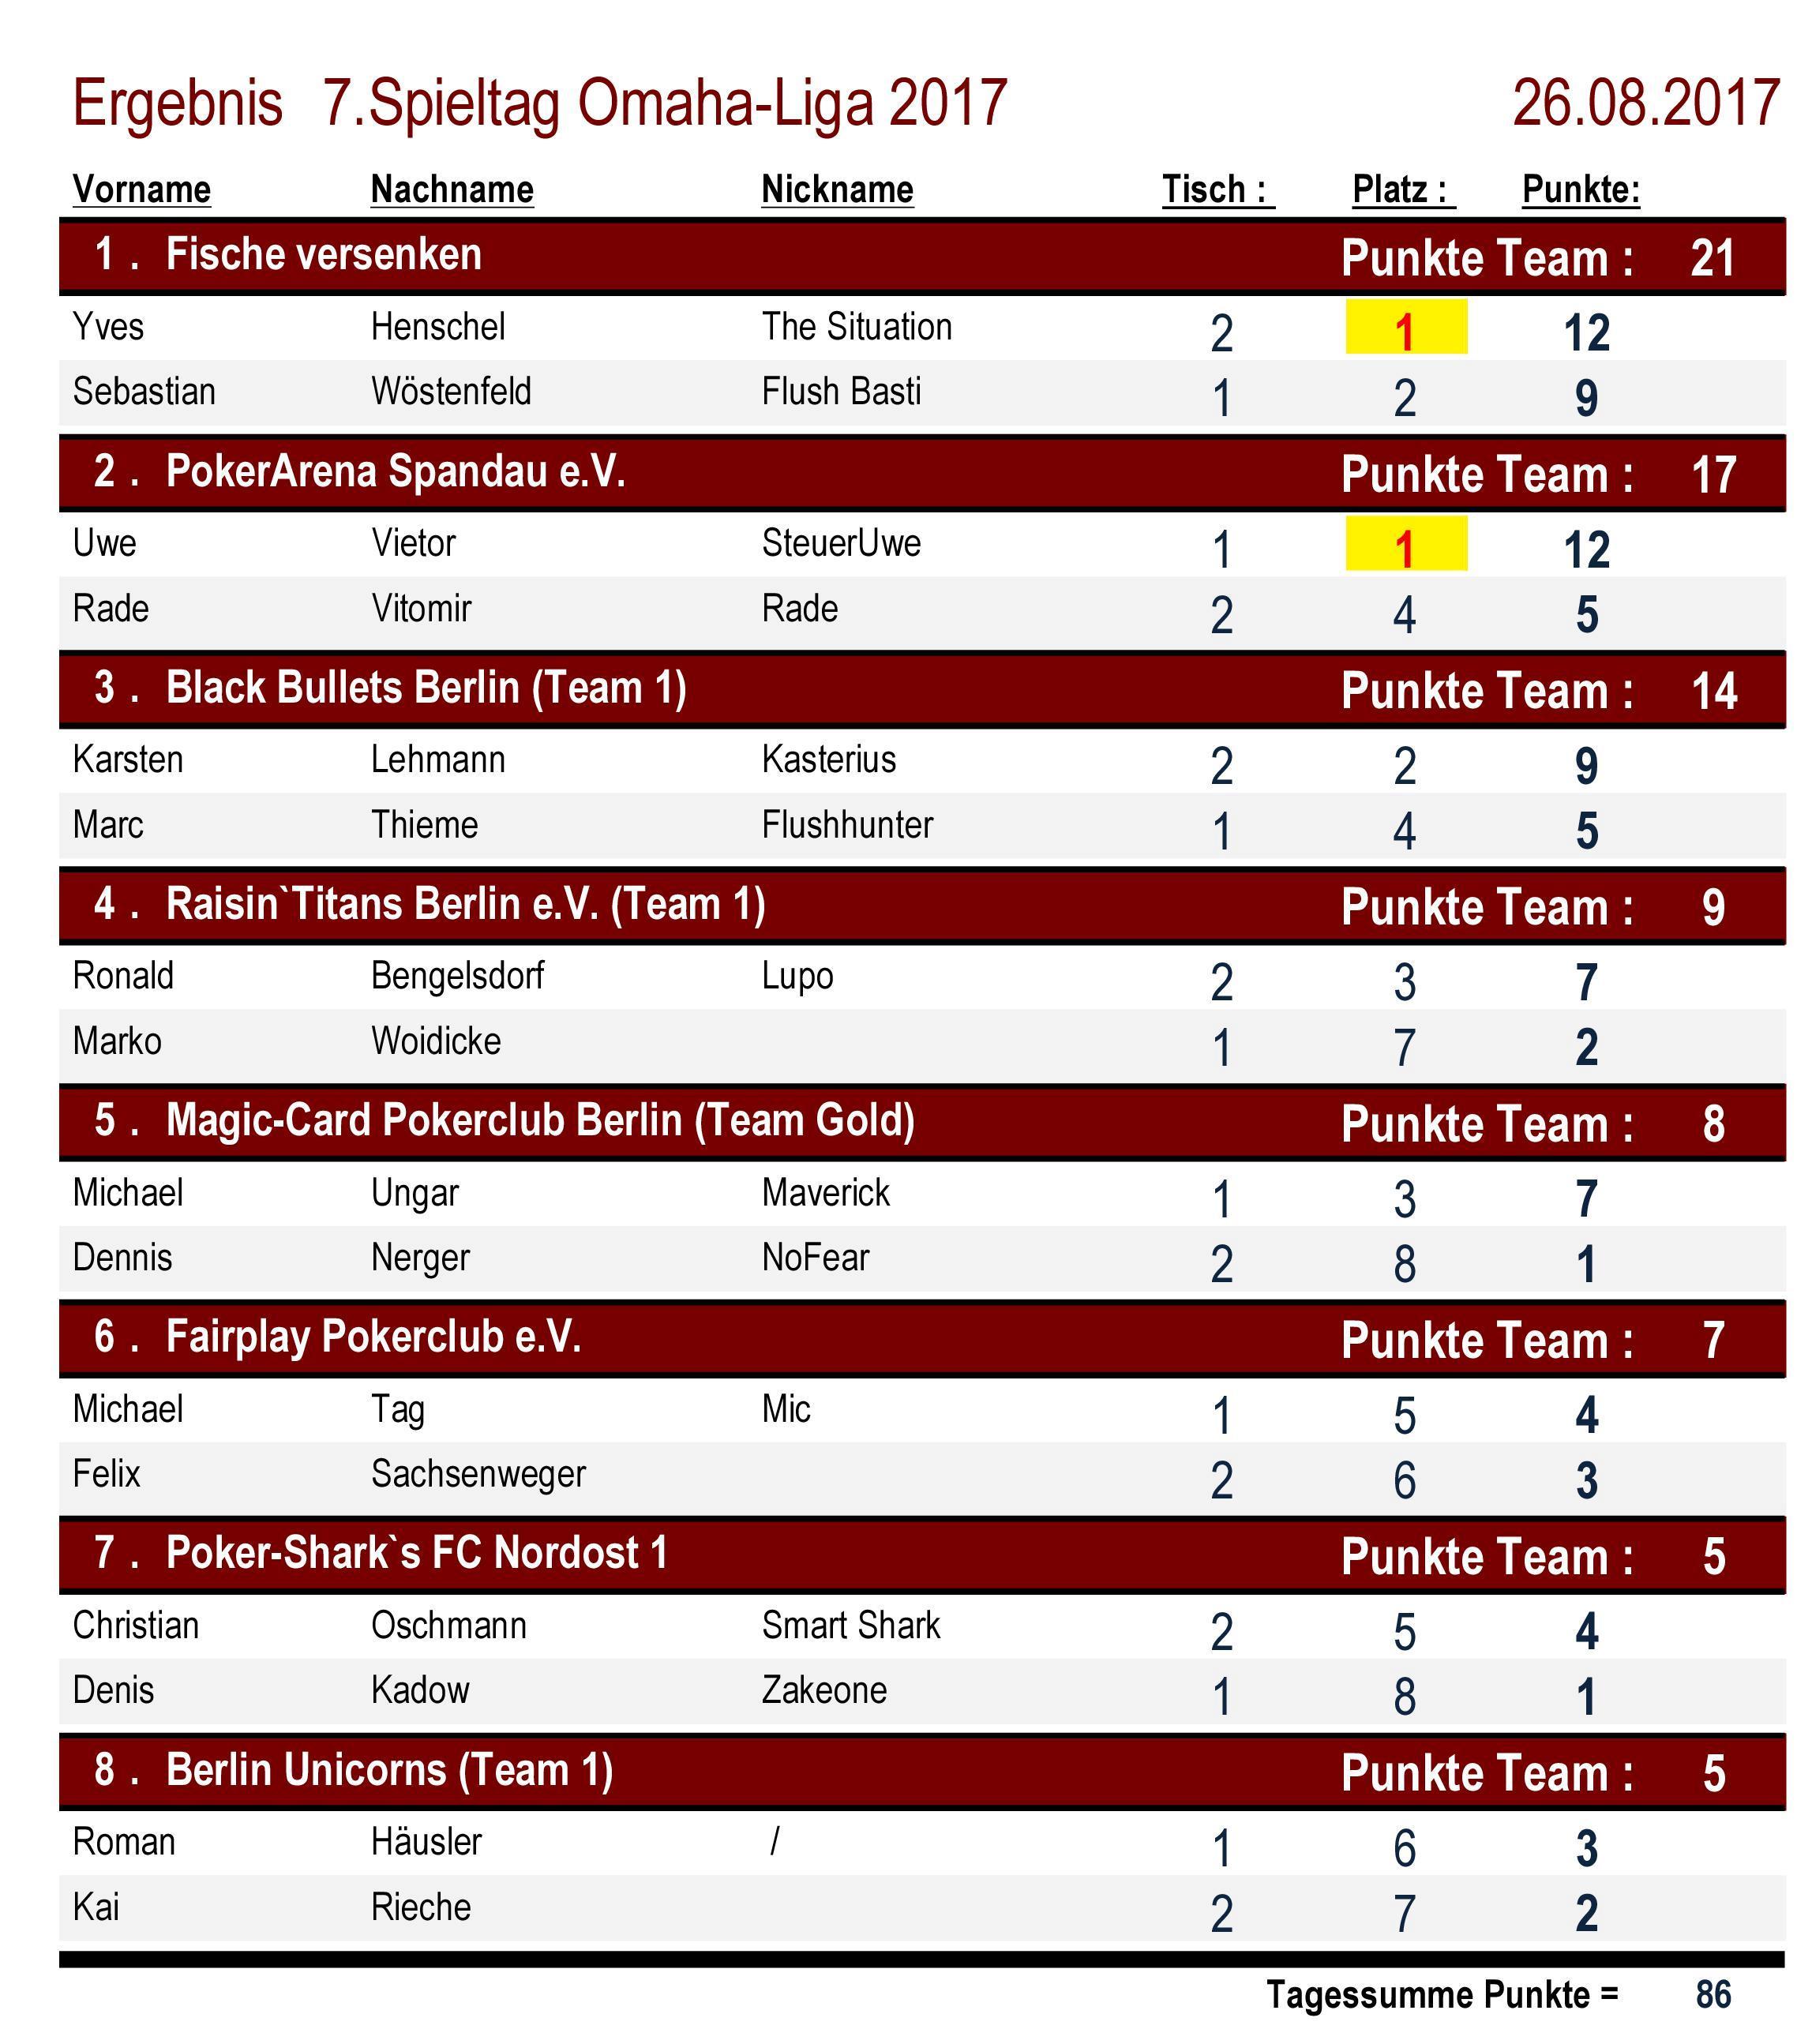 Platzierungen Omaha-Liga 7.Spieltag 2017